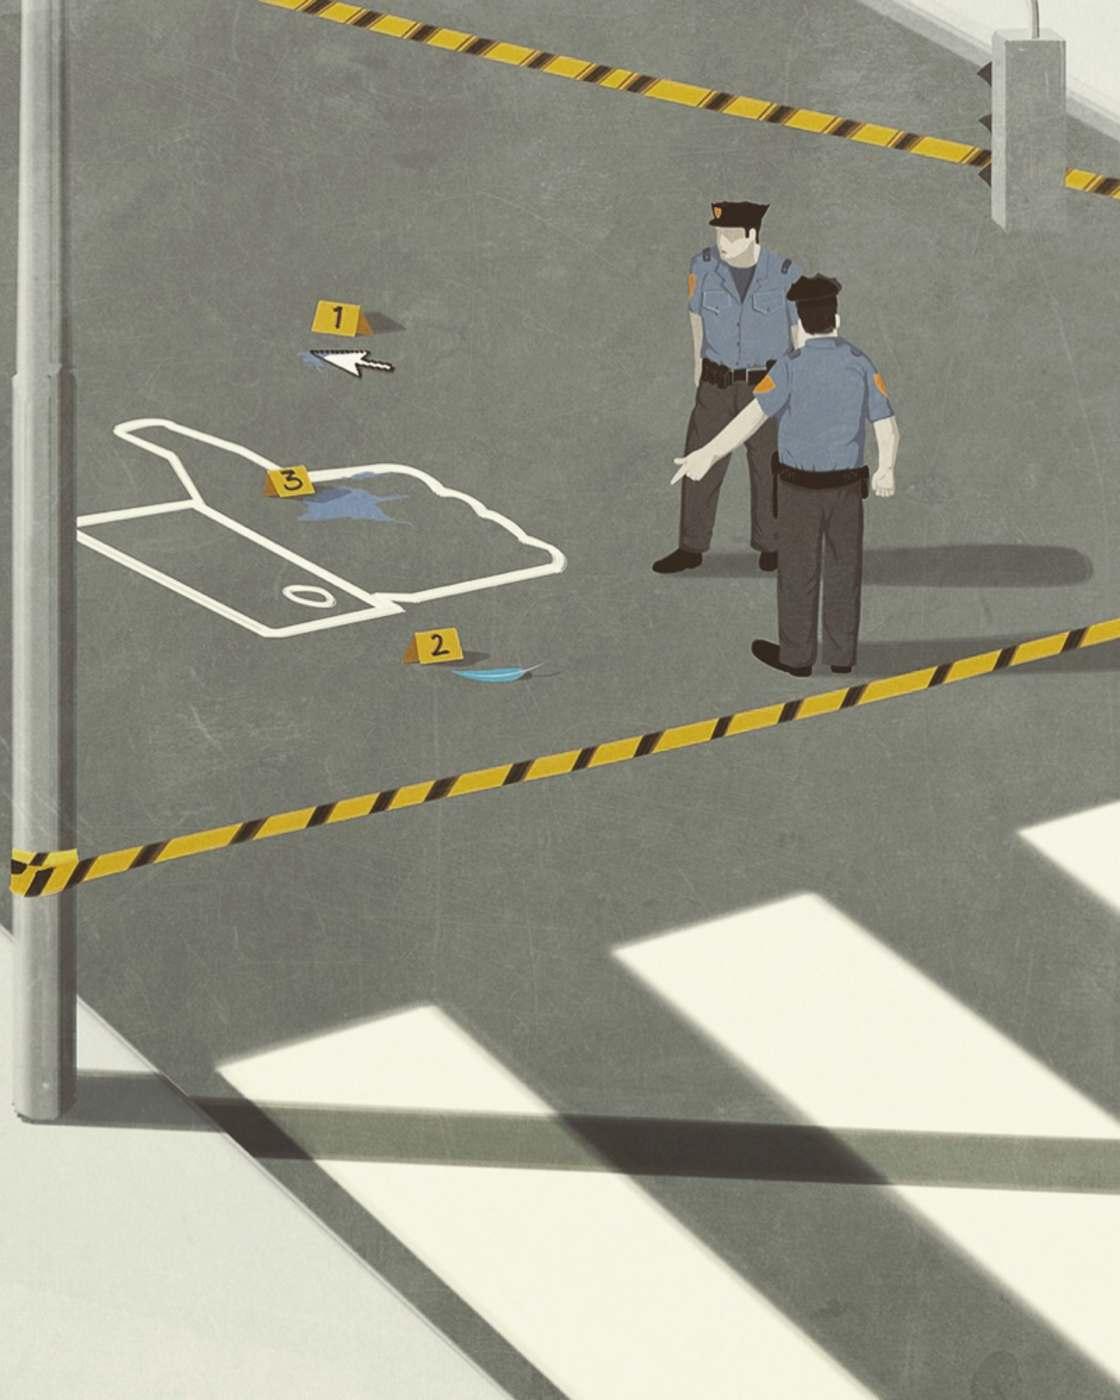 Les illustrations satiriques et surrealistes d'Andrea Ucini (17 pics)